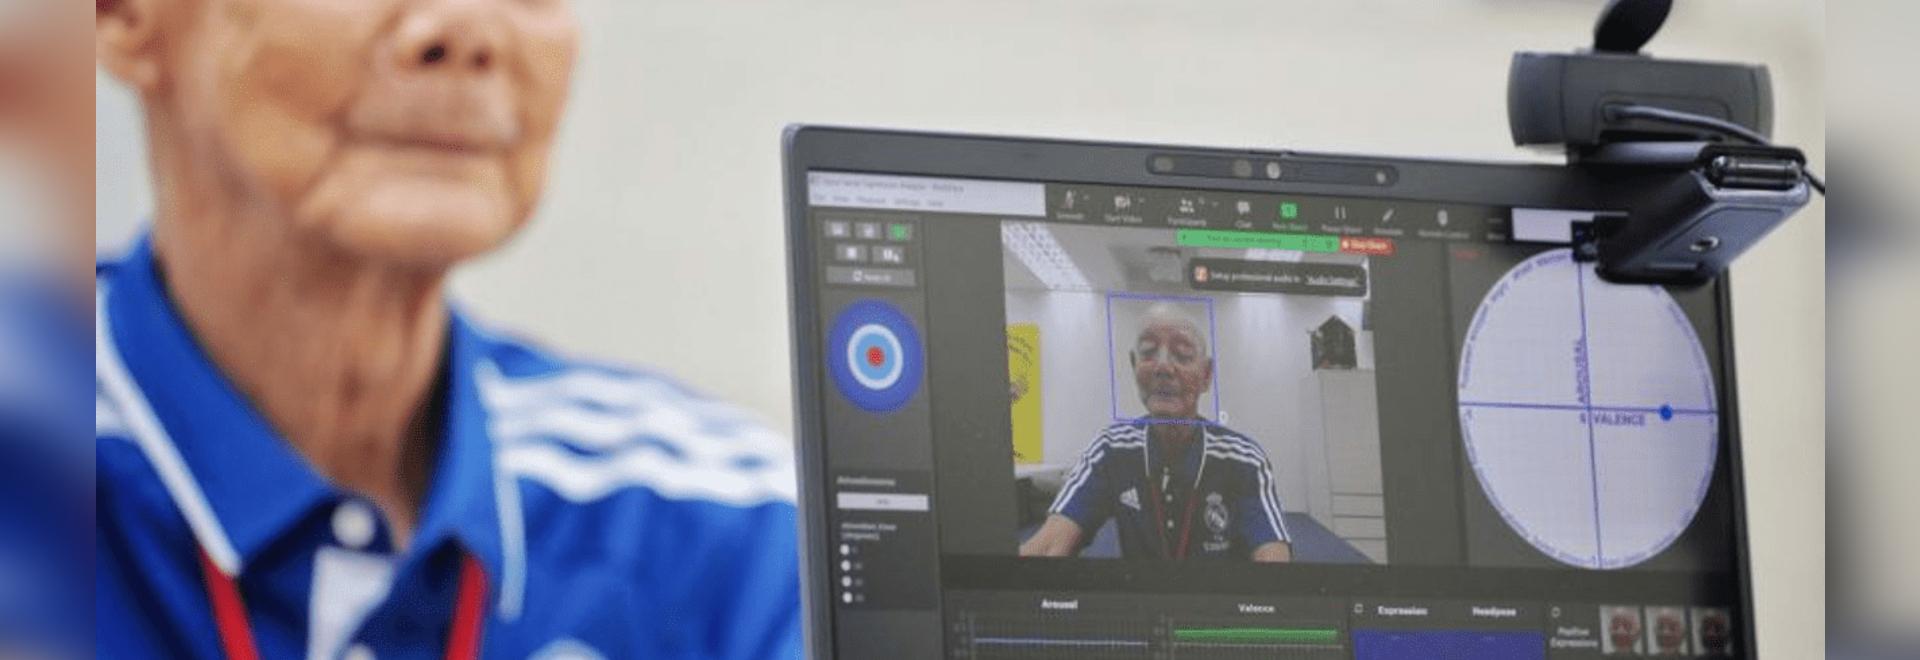 La tecnologia di analisi delle emozioni basata sull'AI aiuta a diagnosticare le condizioni di salute mentale negli anziani di Singapore